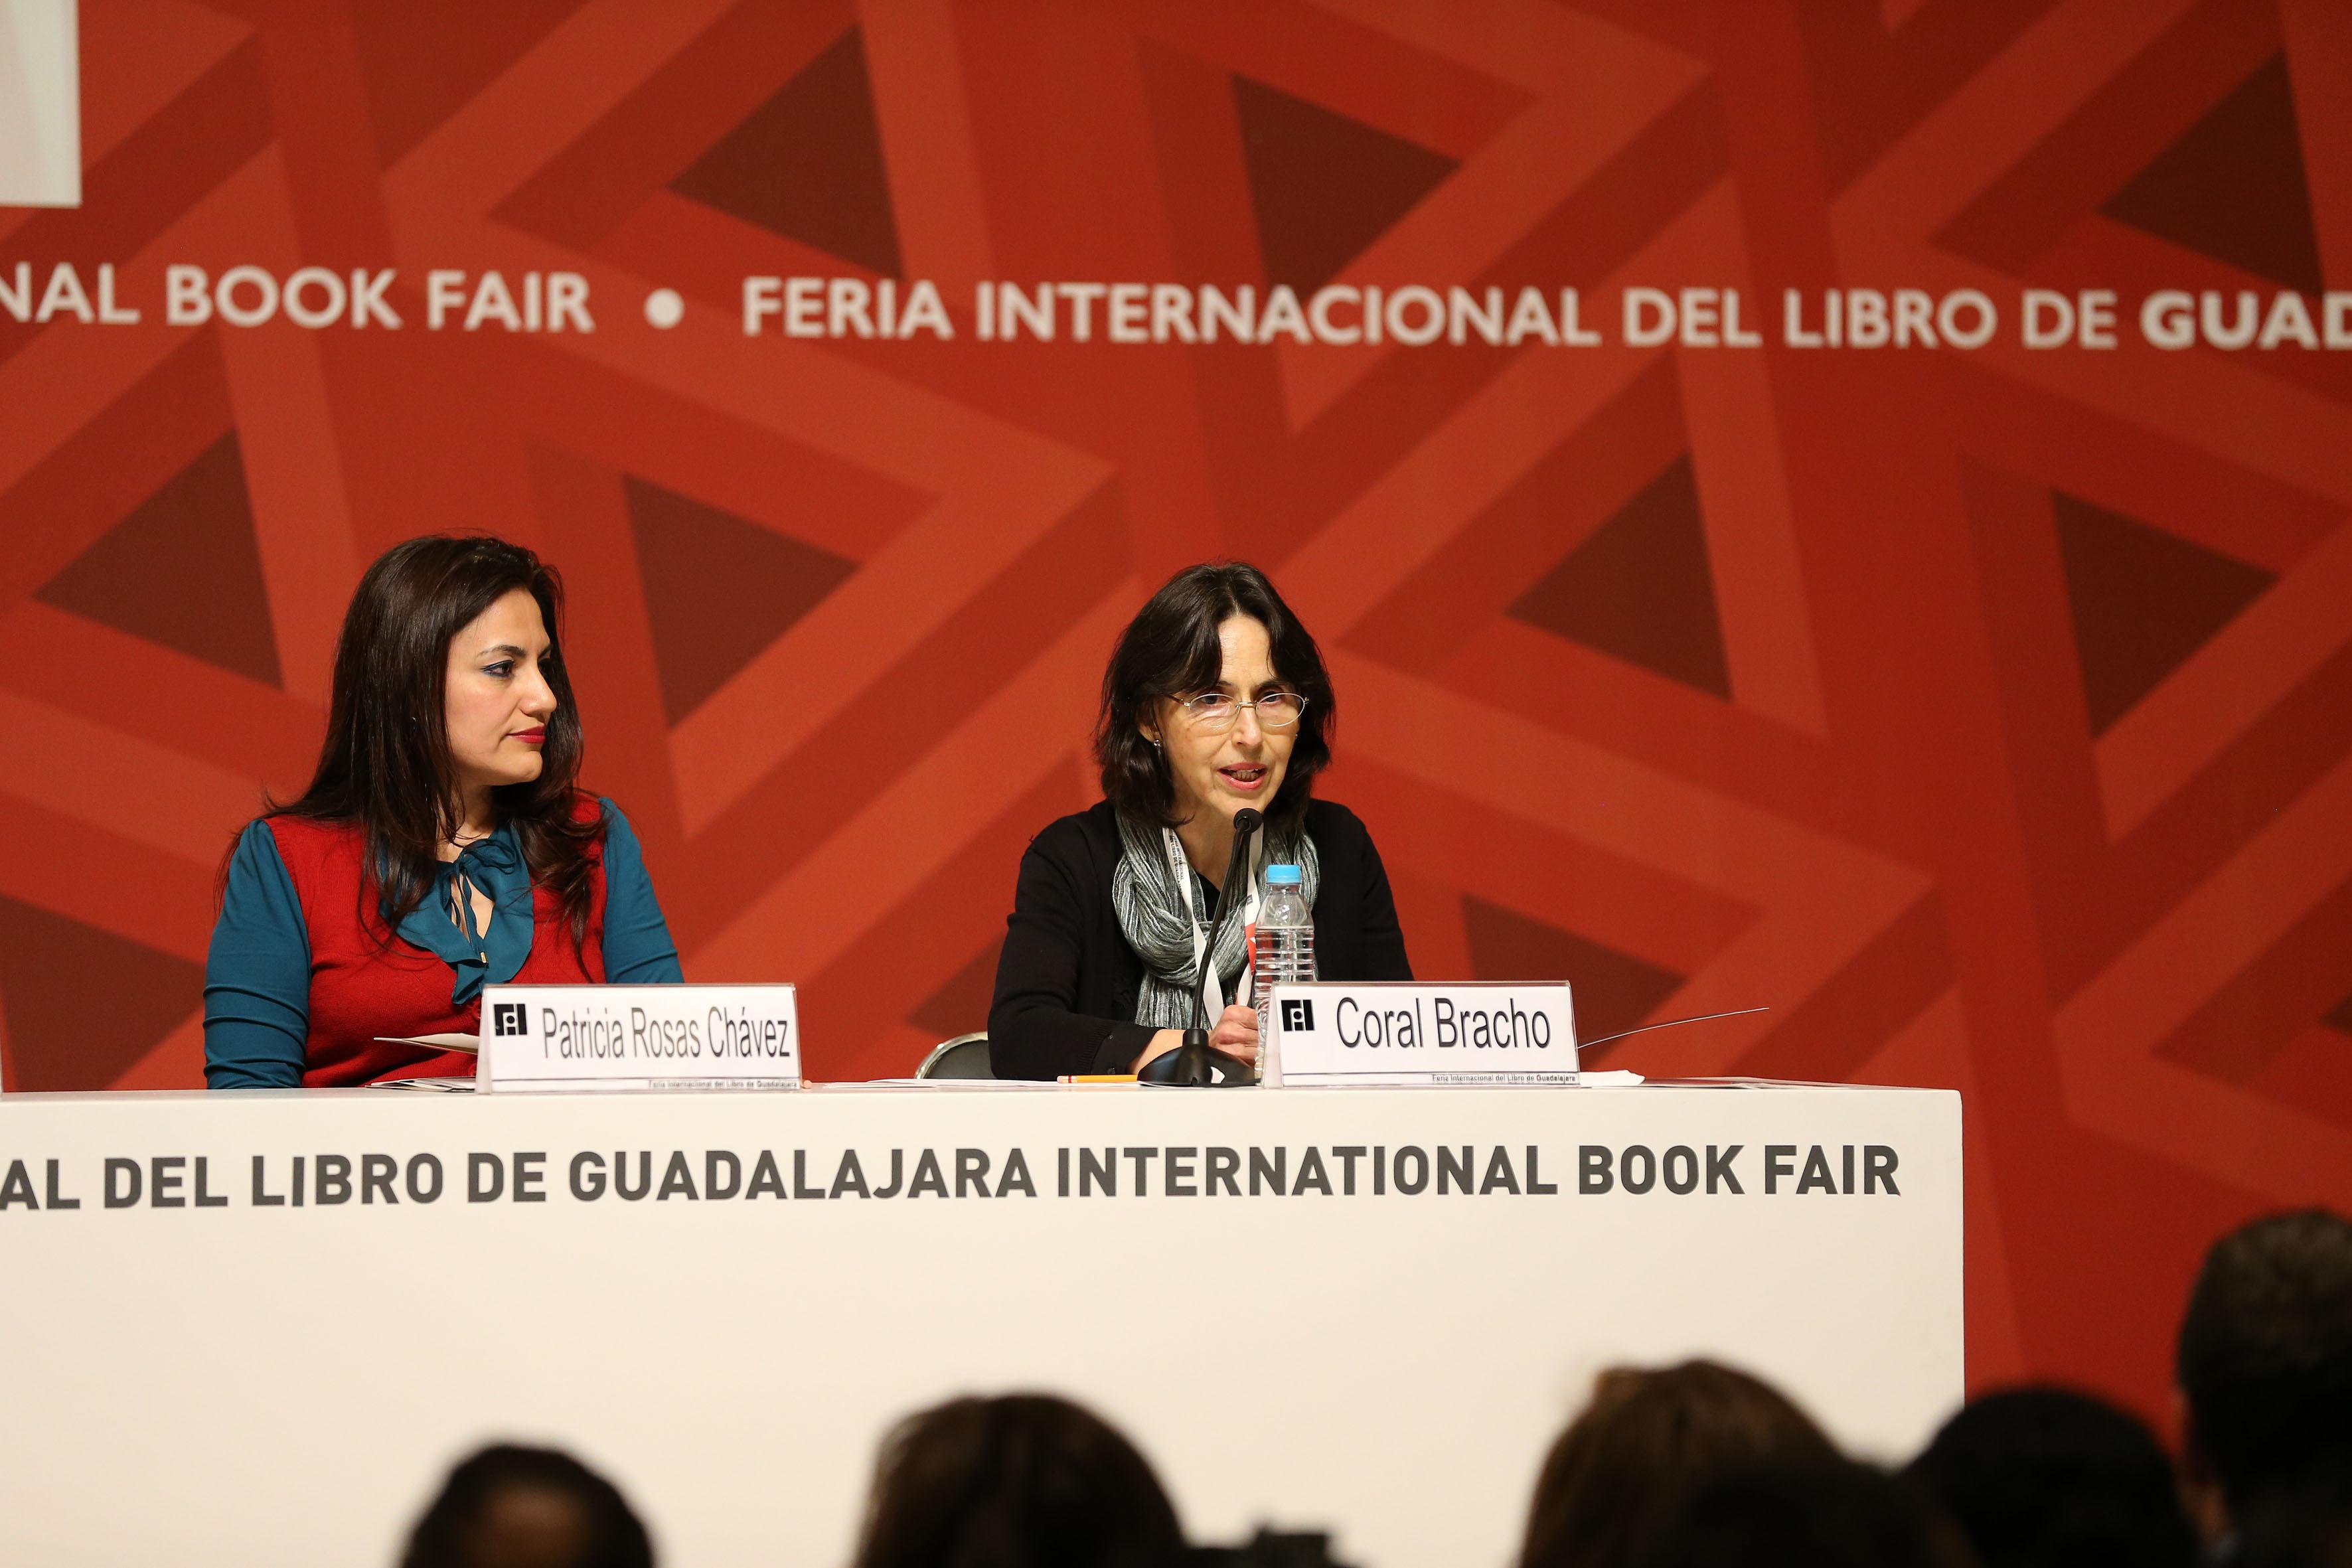 Escritora Coral Bracho haciendo uso de la voz